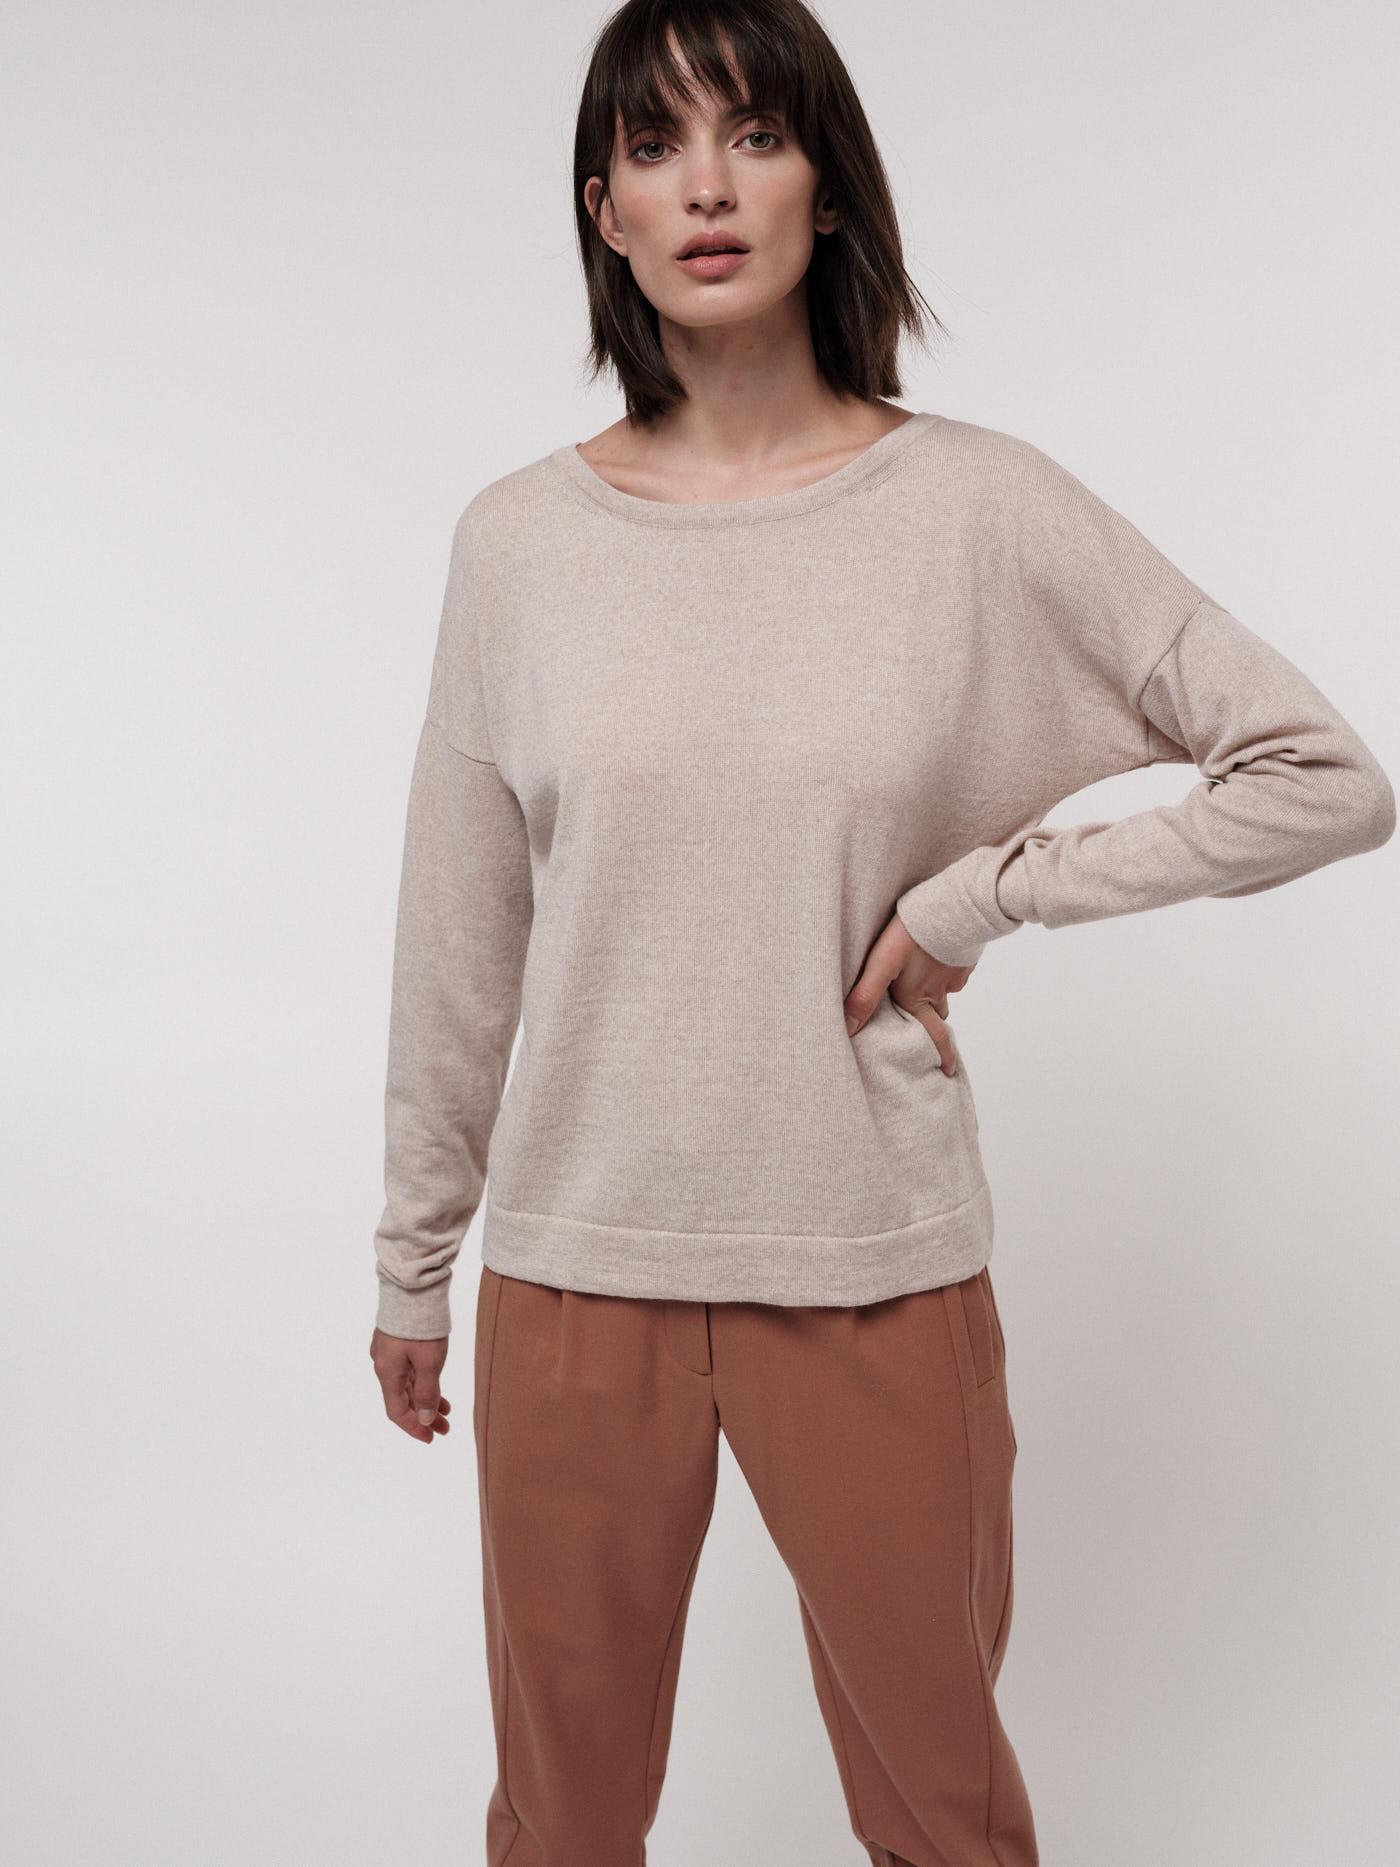 Damen-Pullover cream melange (100% Wolle)